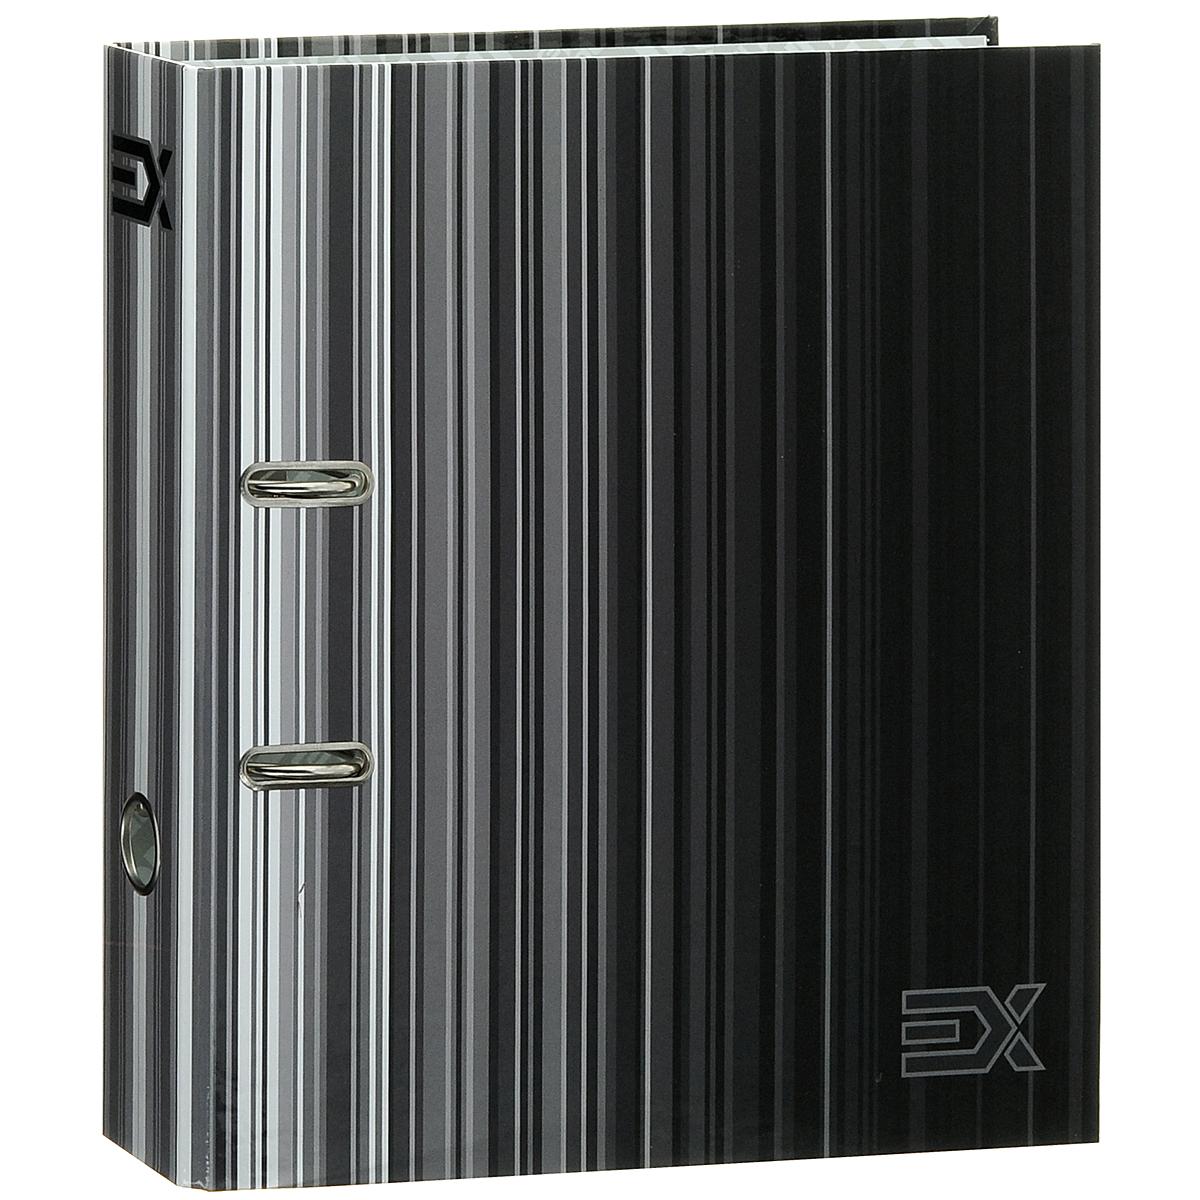 Папка-регистратор Index Extra, ширина корешка 80 мм, цвет: черный, серыйIN111112Папка-регистратор Index Extra незаменима для работы с большими объемами бумаг дома и в офисе. Папка изготовлена из износостойкого высококачественного картона толщиной 2 мм, имеет ламинацию как снаружи, так и внутри. Папка оснащена прочным металлическим арочным механизмом, обеспечивающим надежную фиксацию перфорированных бумаг и документов формата А4. На торце папки расположено металлическое кольцо для удобства использования. Обложка папки оформлена полосками различных оттенков. Папка-регистратор станет вашим надежным помощником, она упростит работу с бумагами и документами и защитит их от повреждения, пыли и влаги.